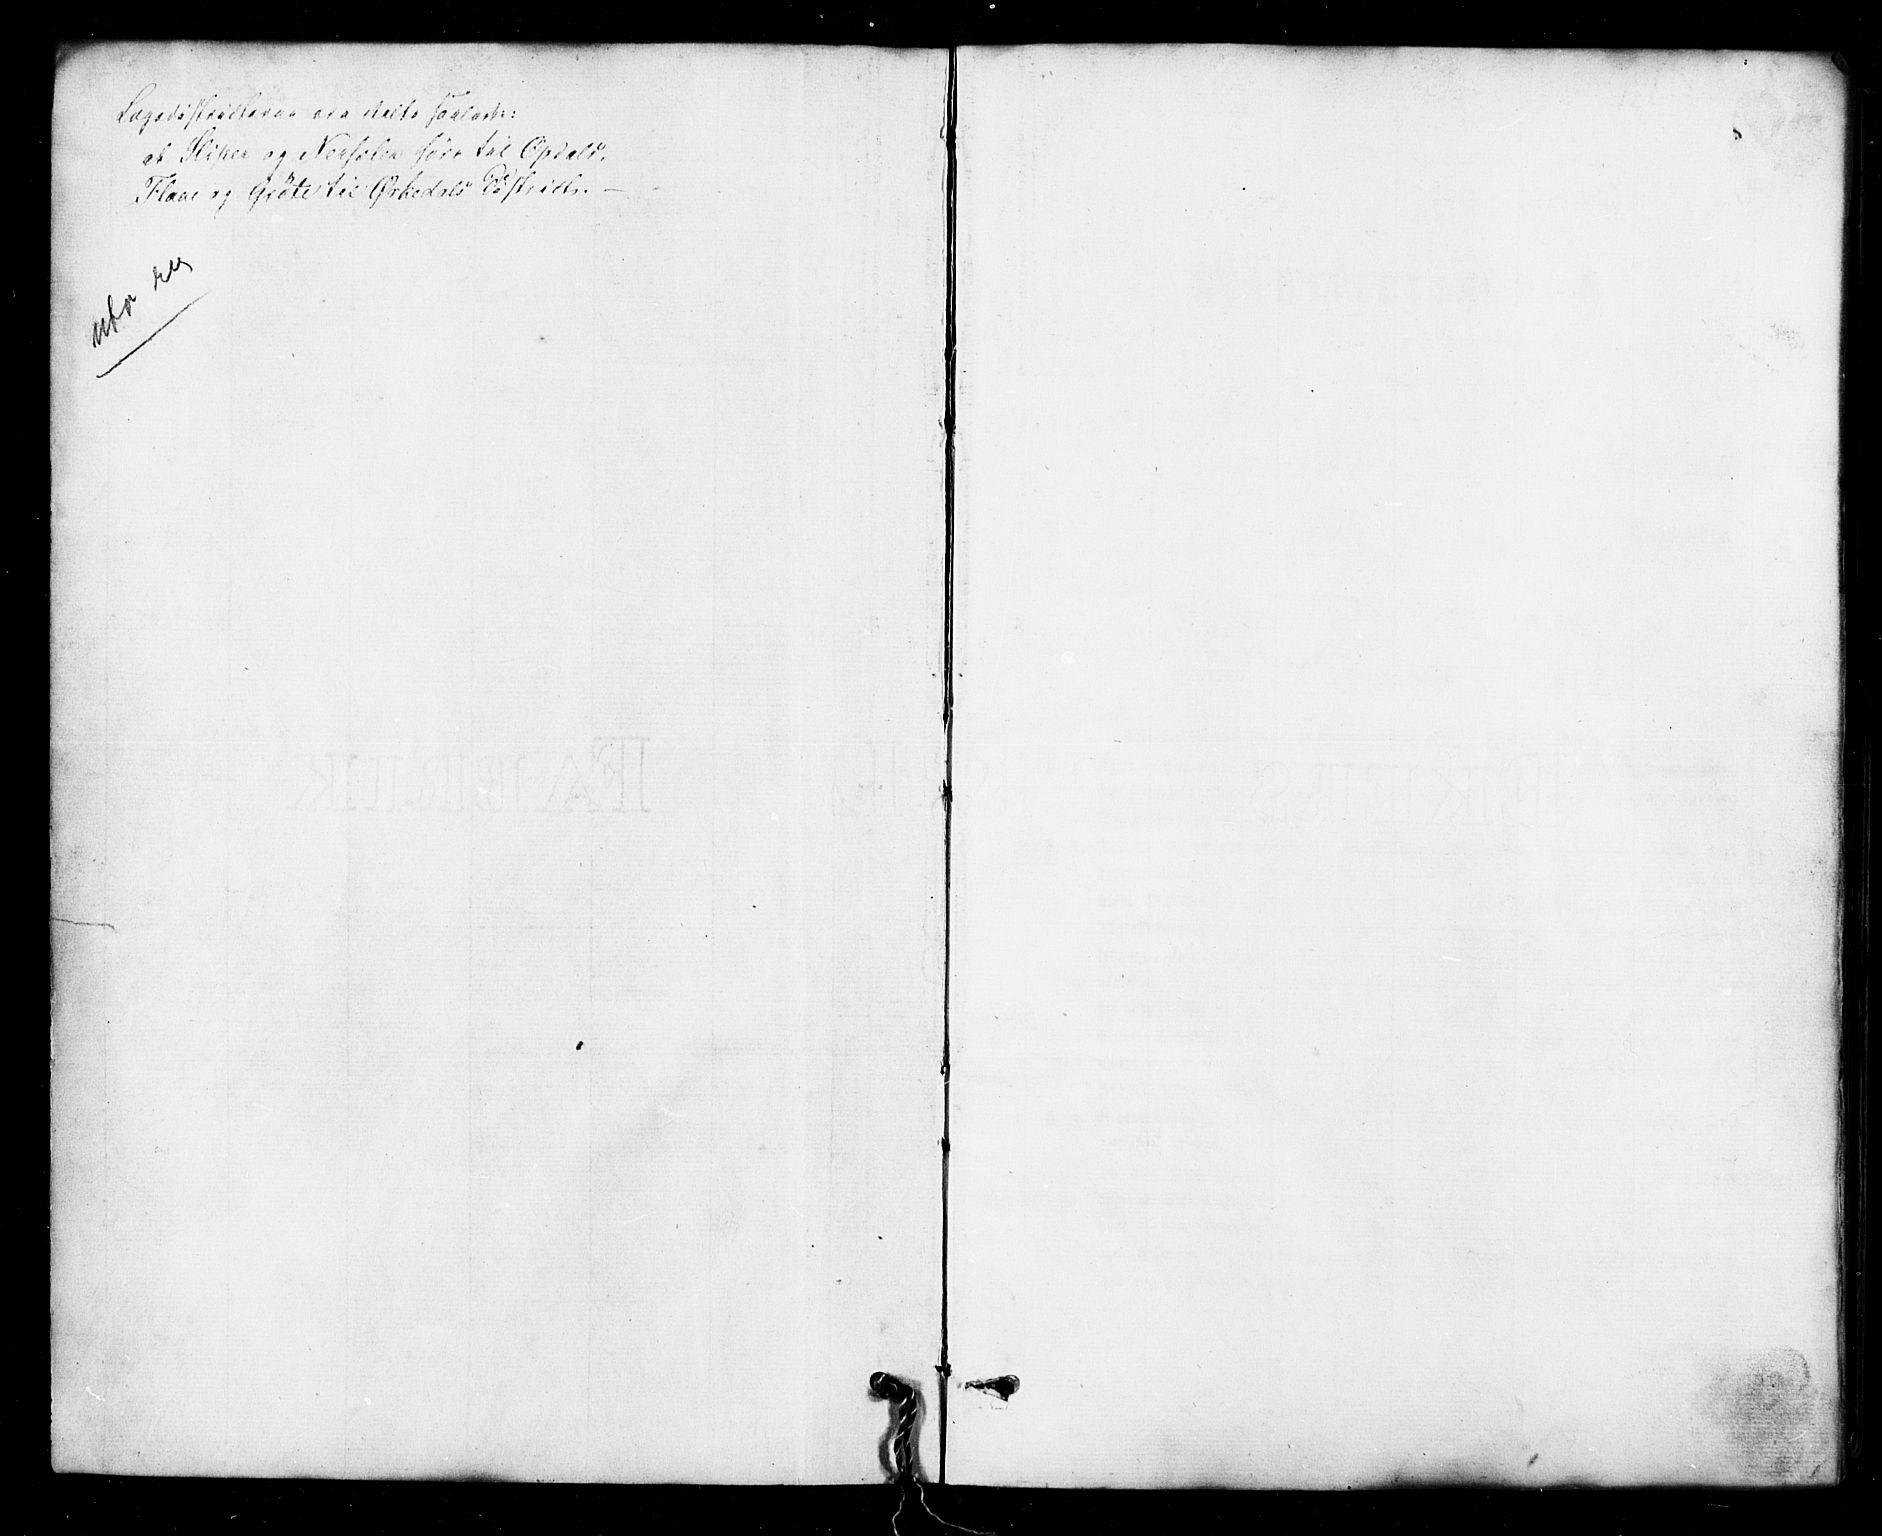 SAT, Ministerialprotokoller, klokkerbøker og fødselsregistre - Sør-Trøndelag, 674/L0870: Ministerialbok nr. 674A02, 1861-1879